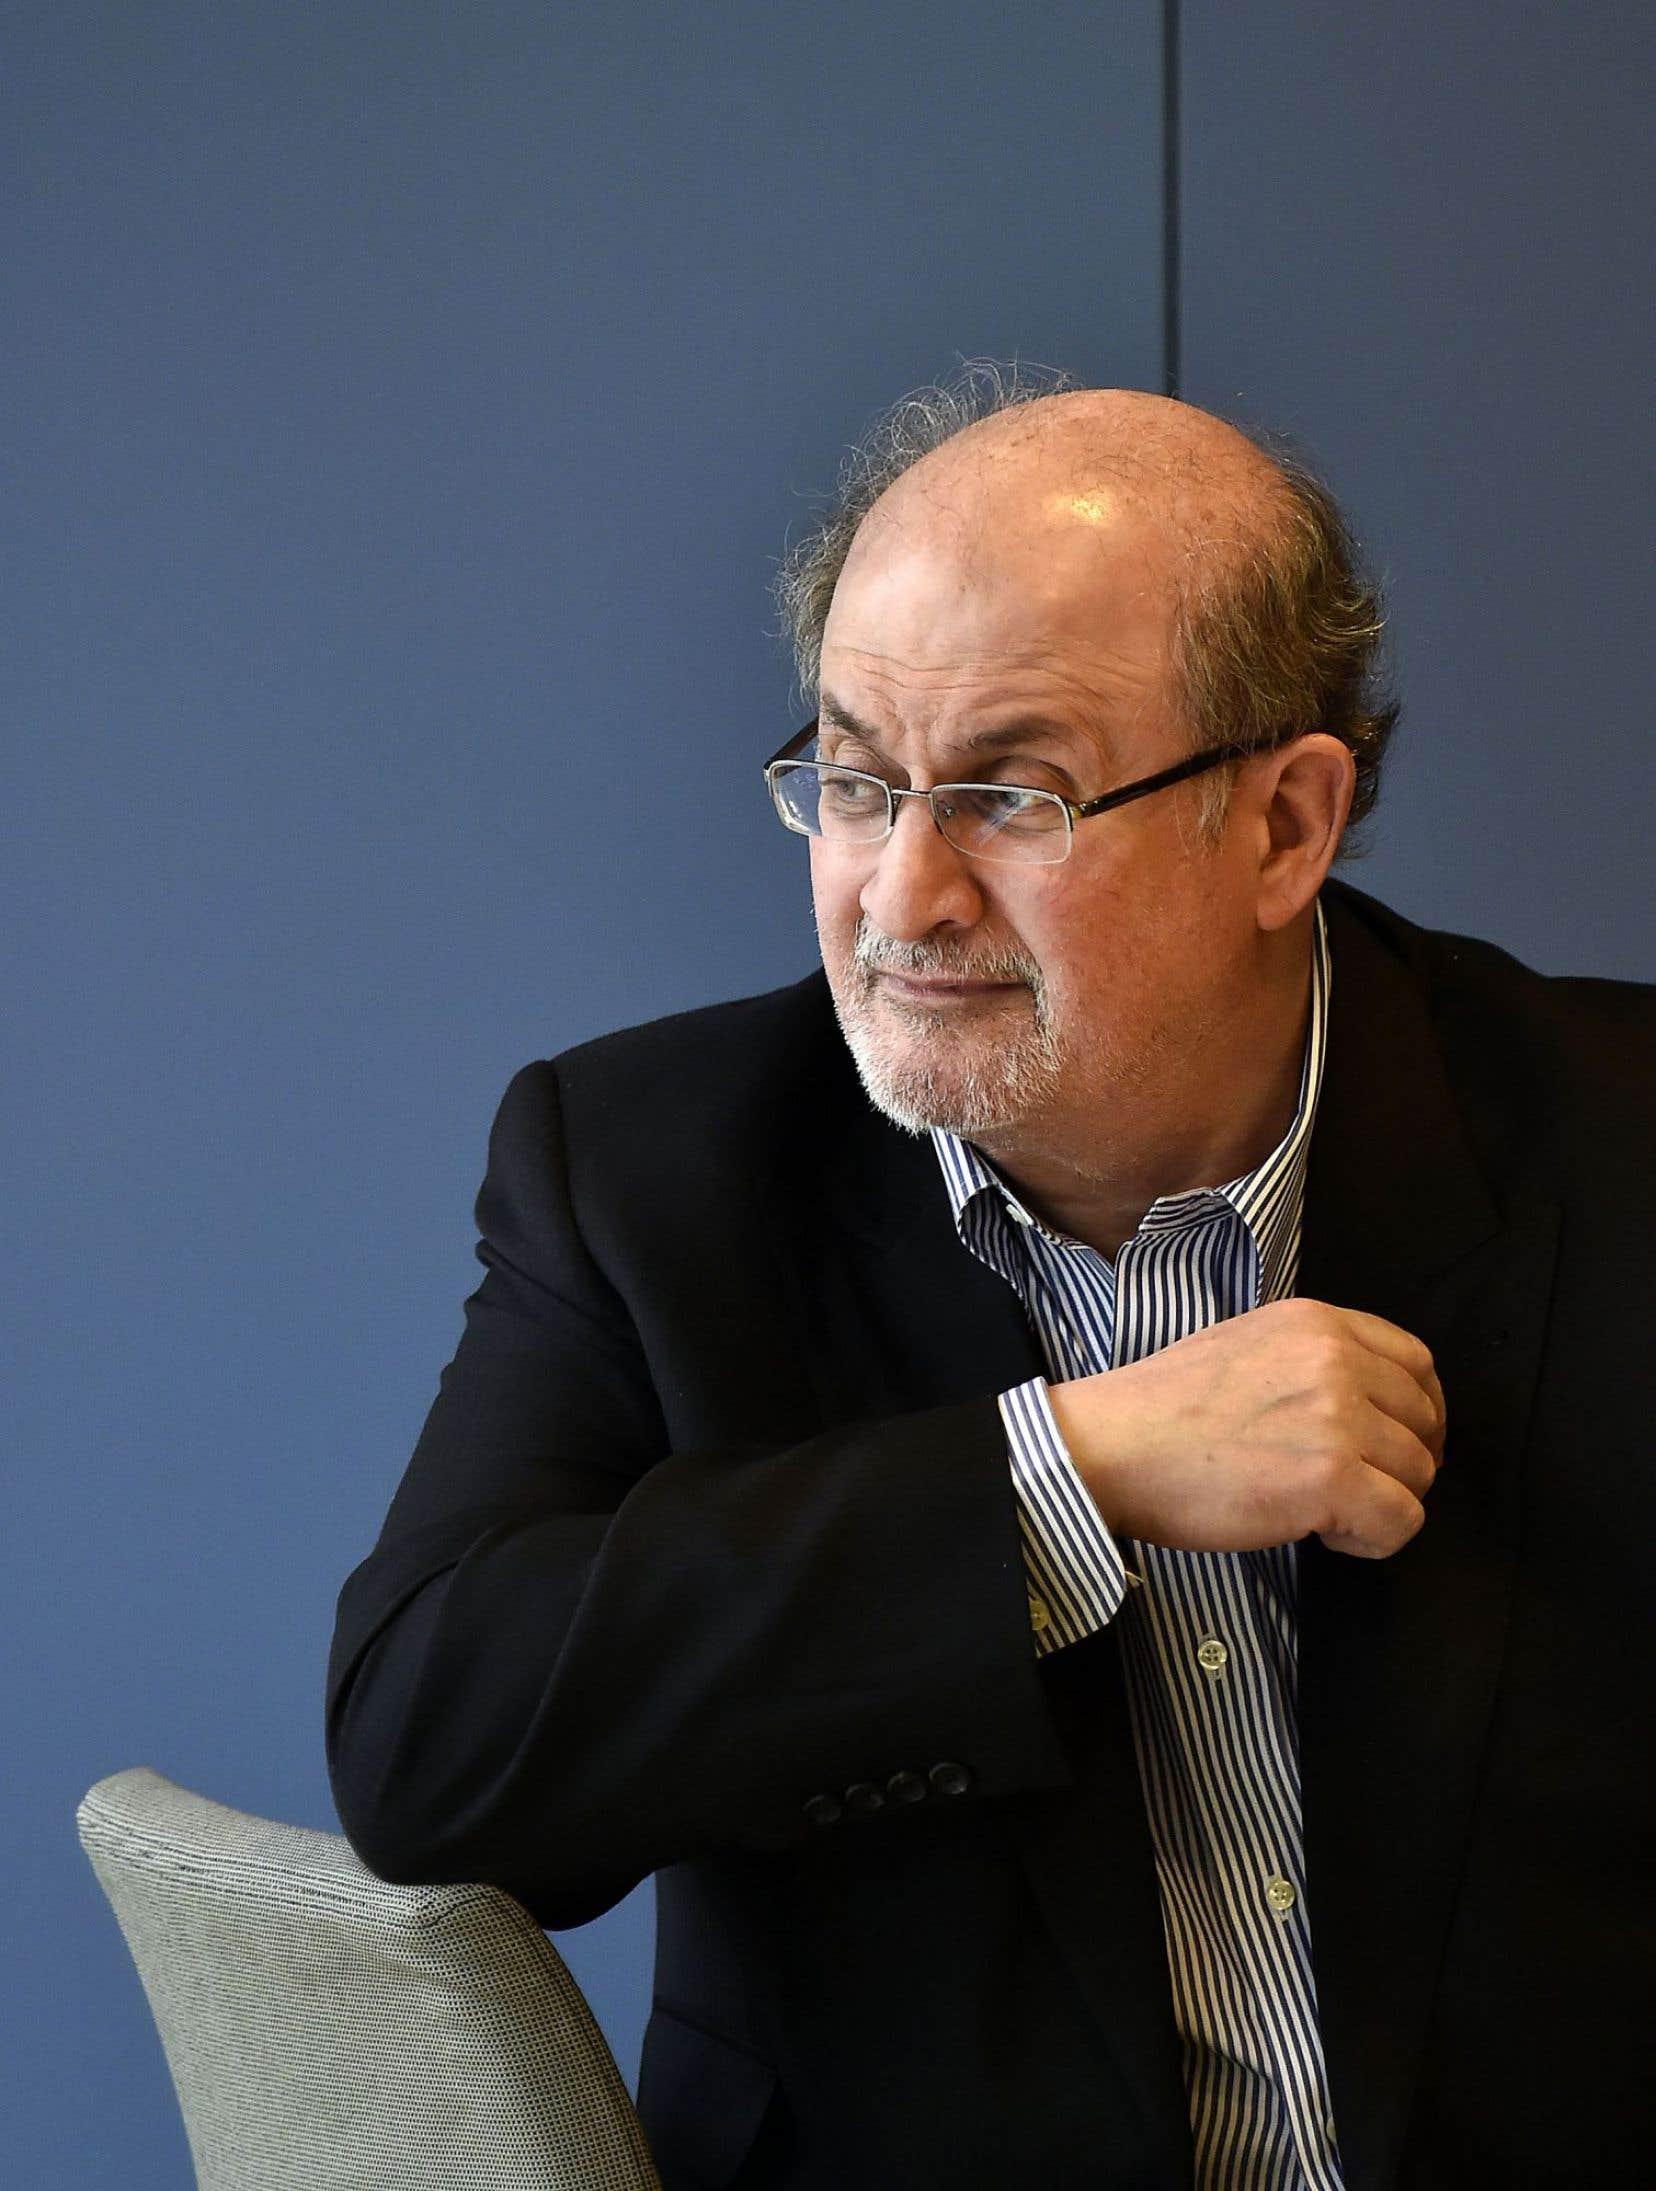 L'écrivain britannique d'origine indienne Salman Rushdie